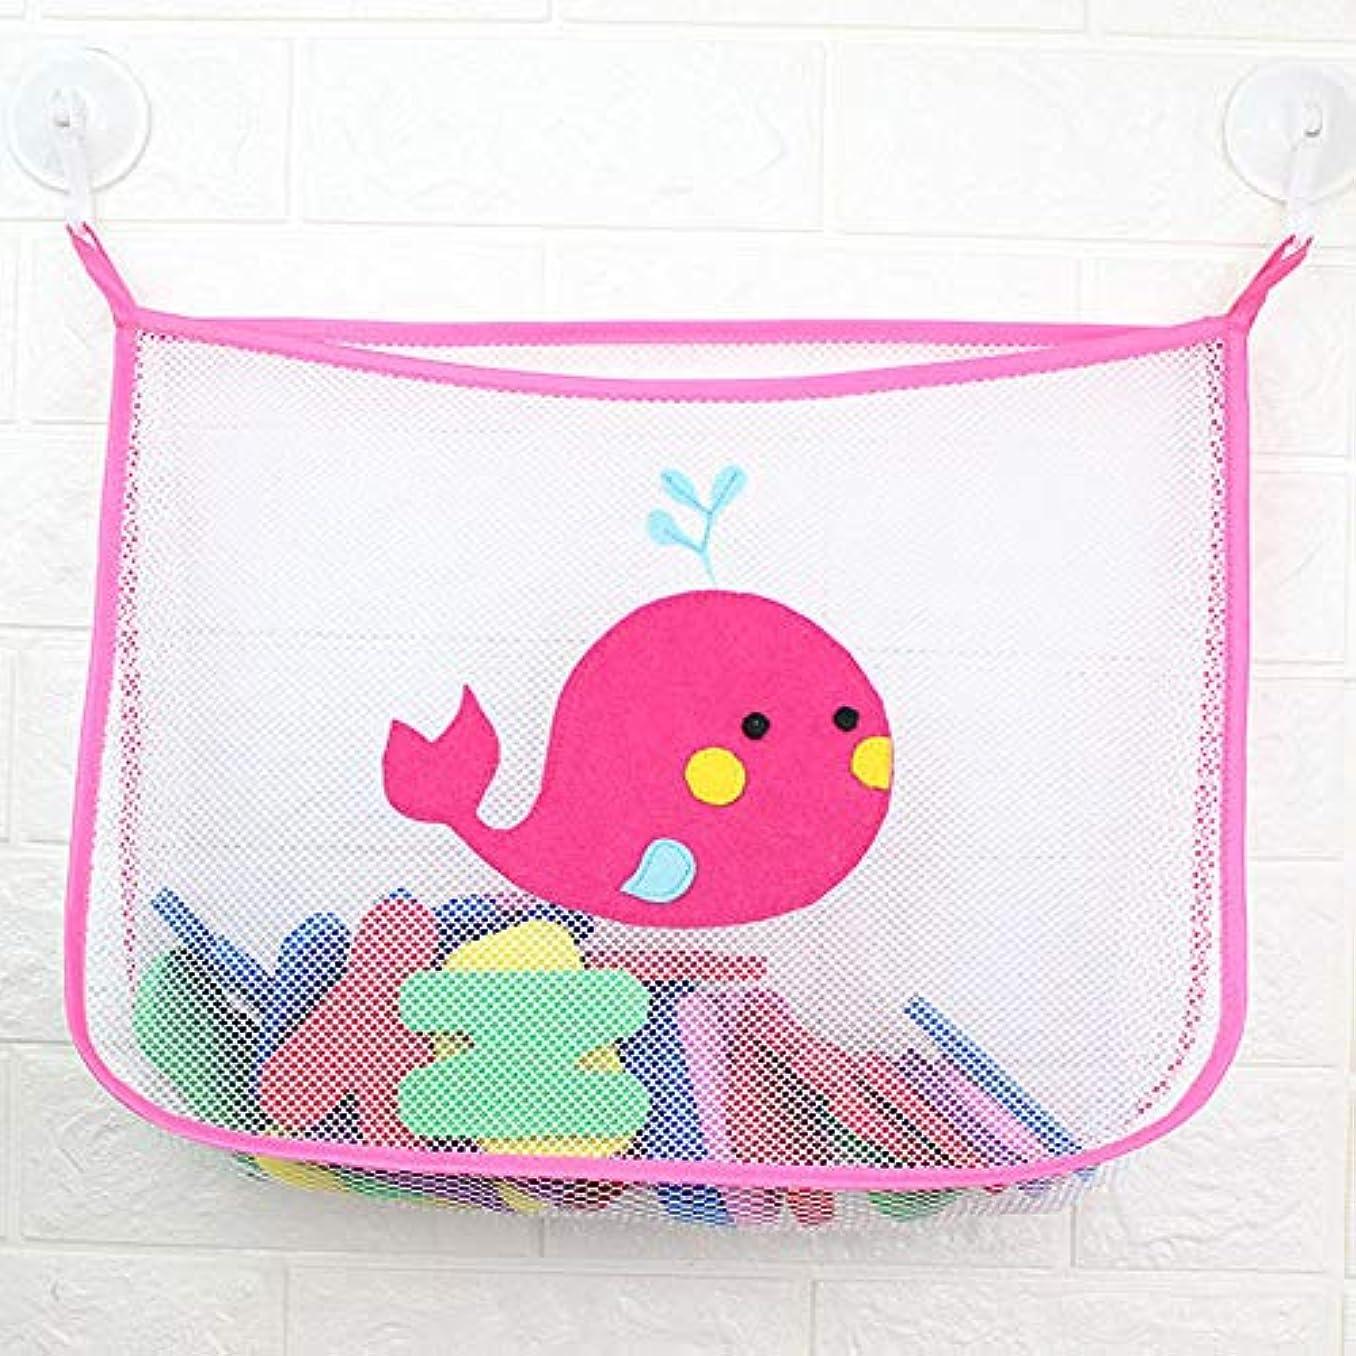 少年賞賛する合法ベビーシャワー風呂のおもちゃ小さなアヒル小さなカエルの赤ちゃん子供のおもちゃ収納メッシュで強い吸盤玩具バッグネット浴室オーガナイザー (ピンク)